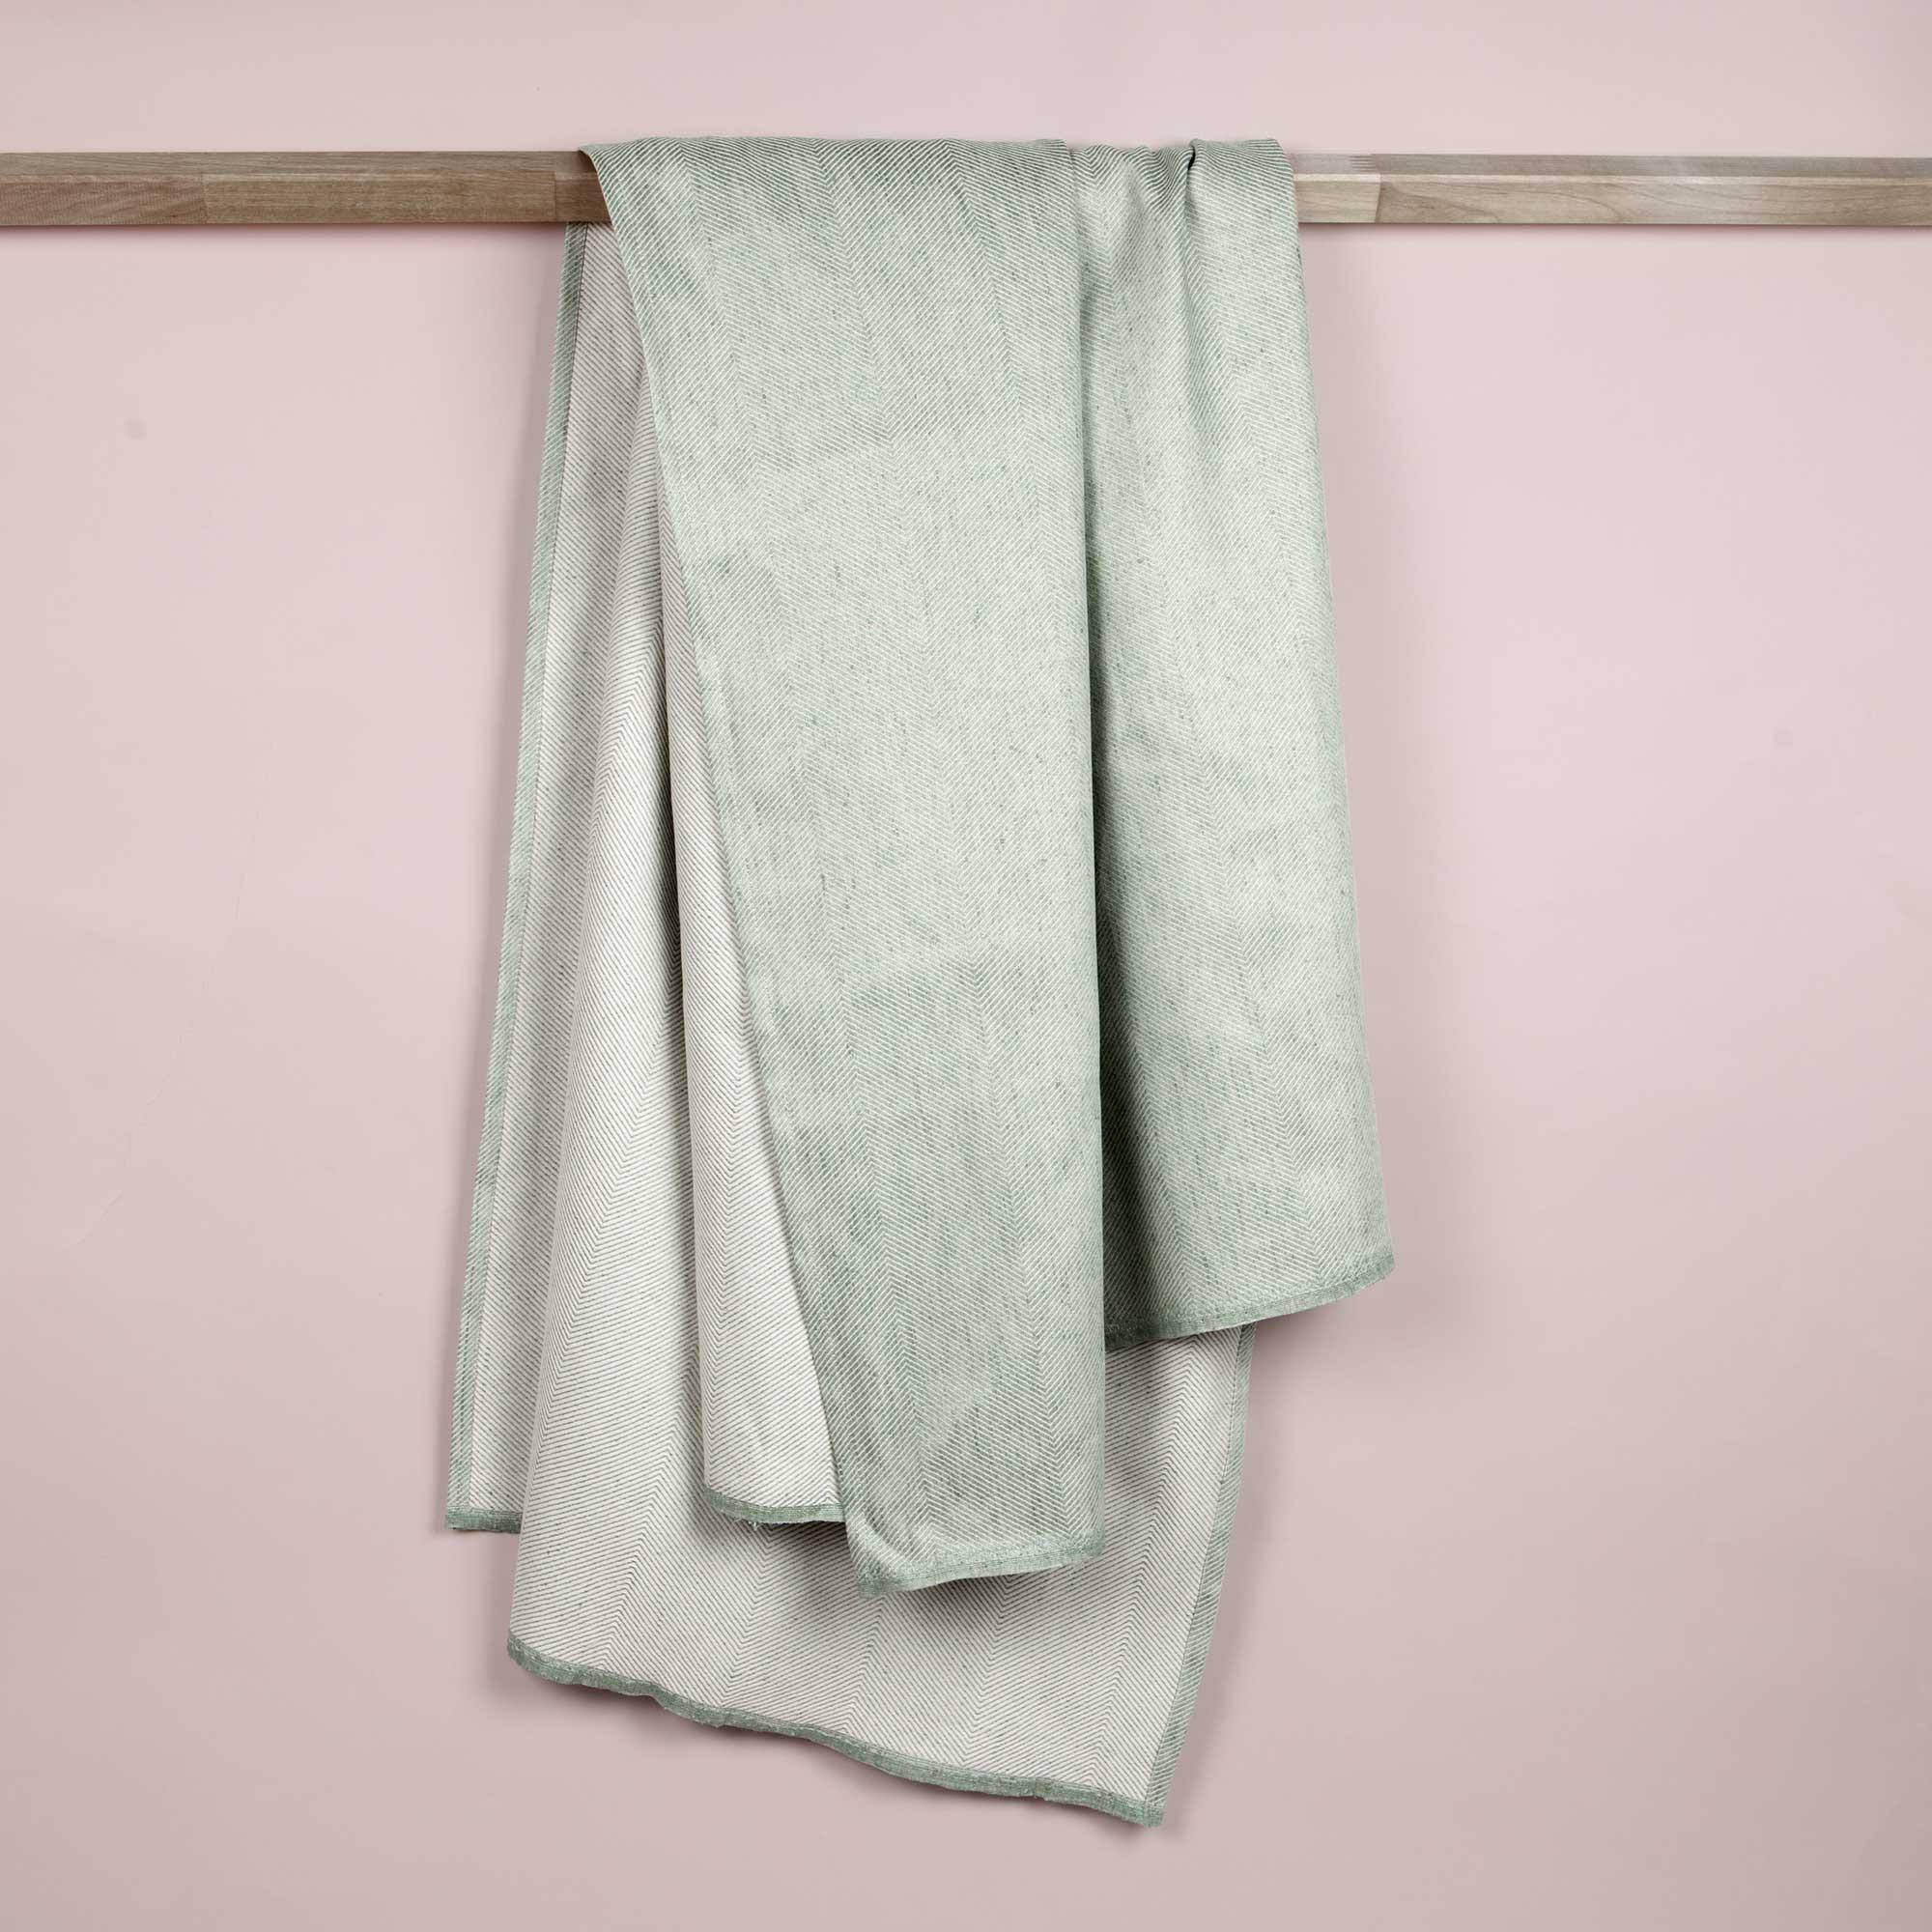 Bath towel, linen/cotton, Aqua green